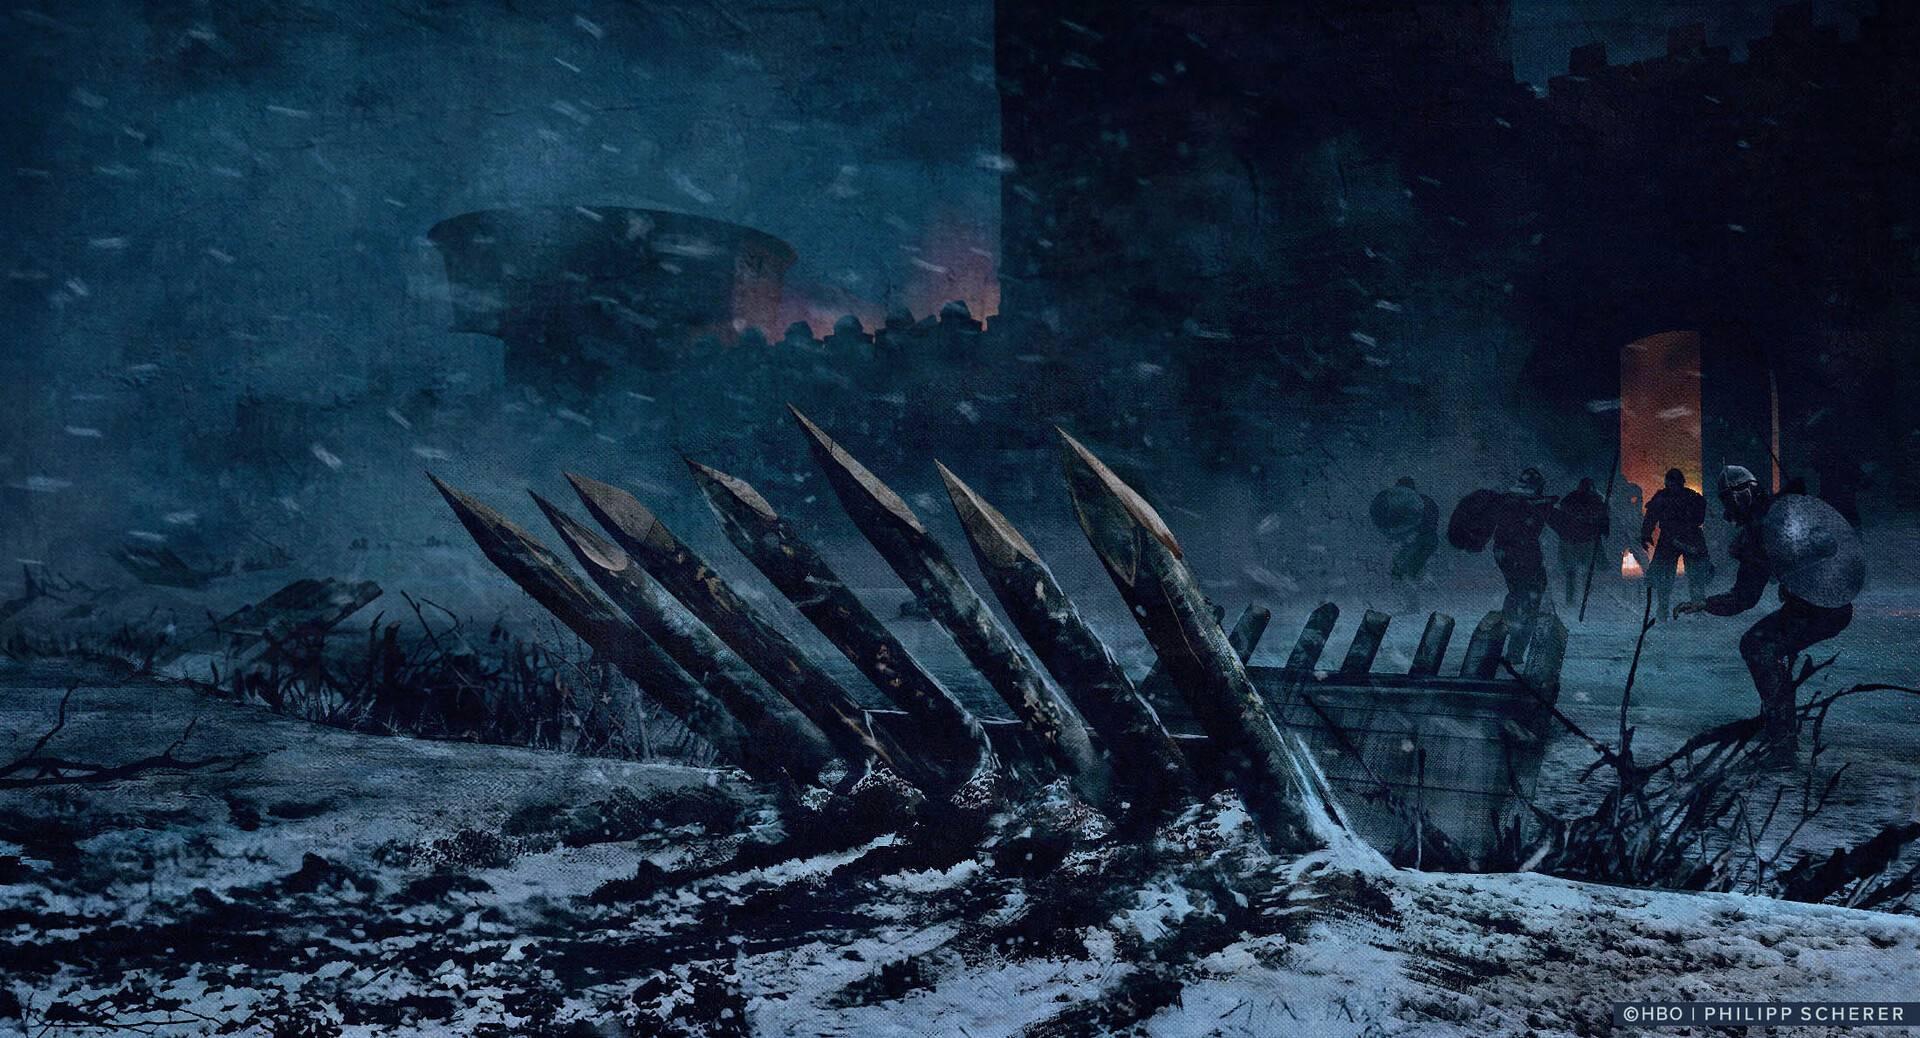 Концепт-арт: иллюстрации к восьмому сезону «Игры престолов» 3